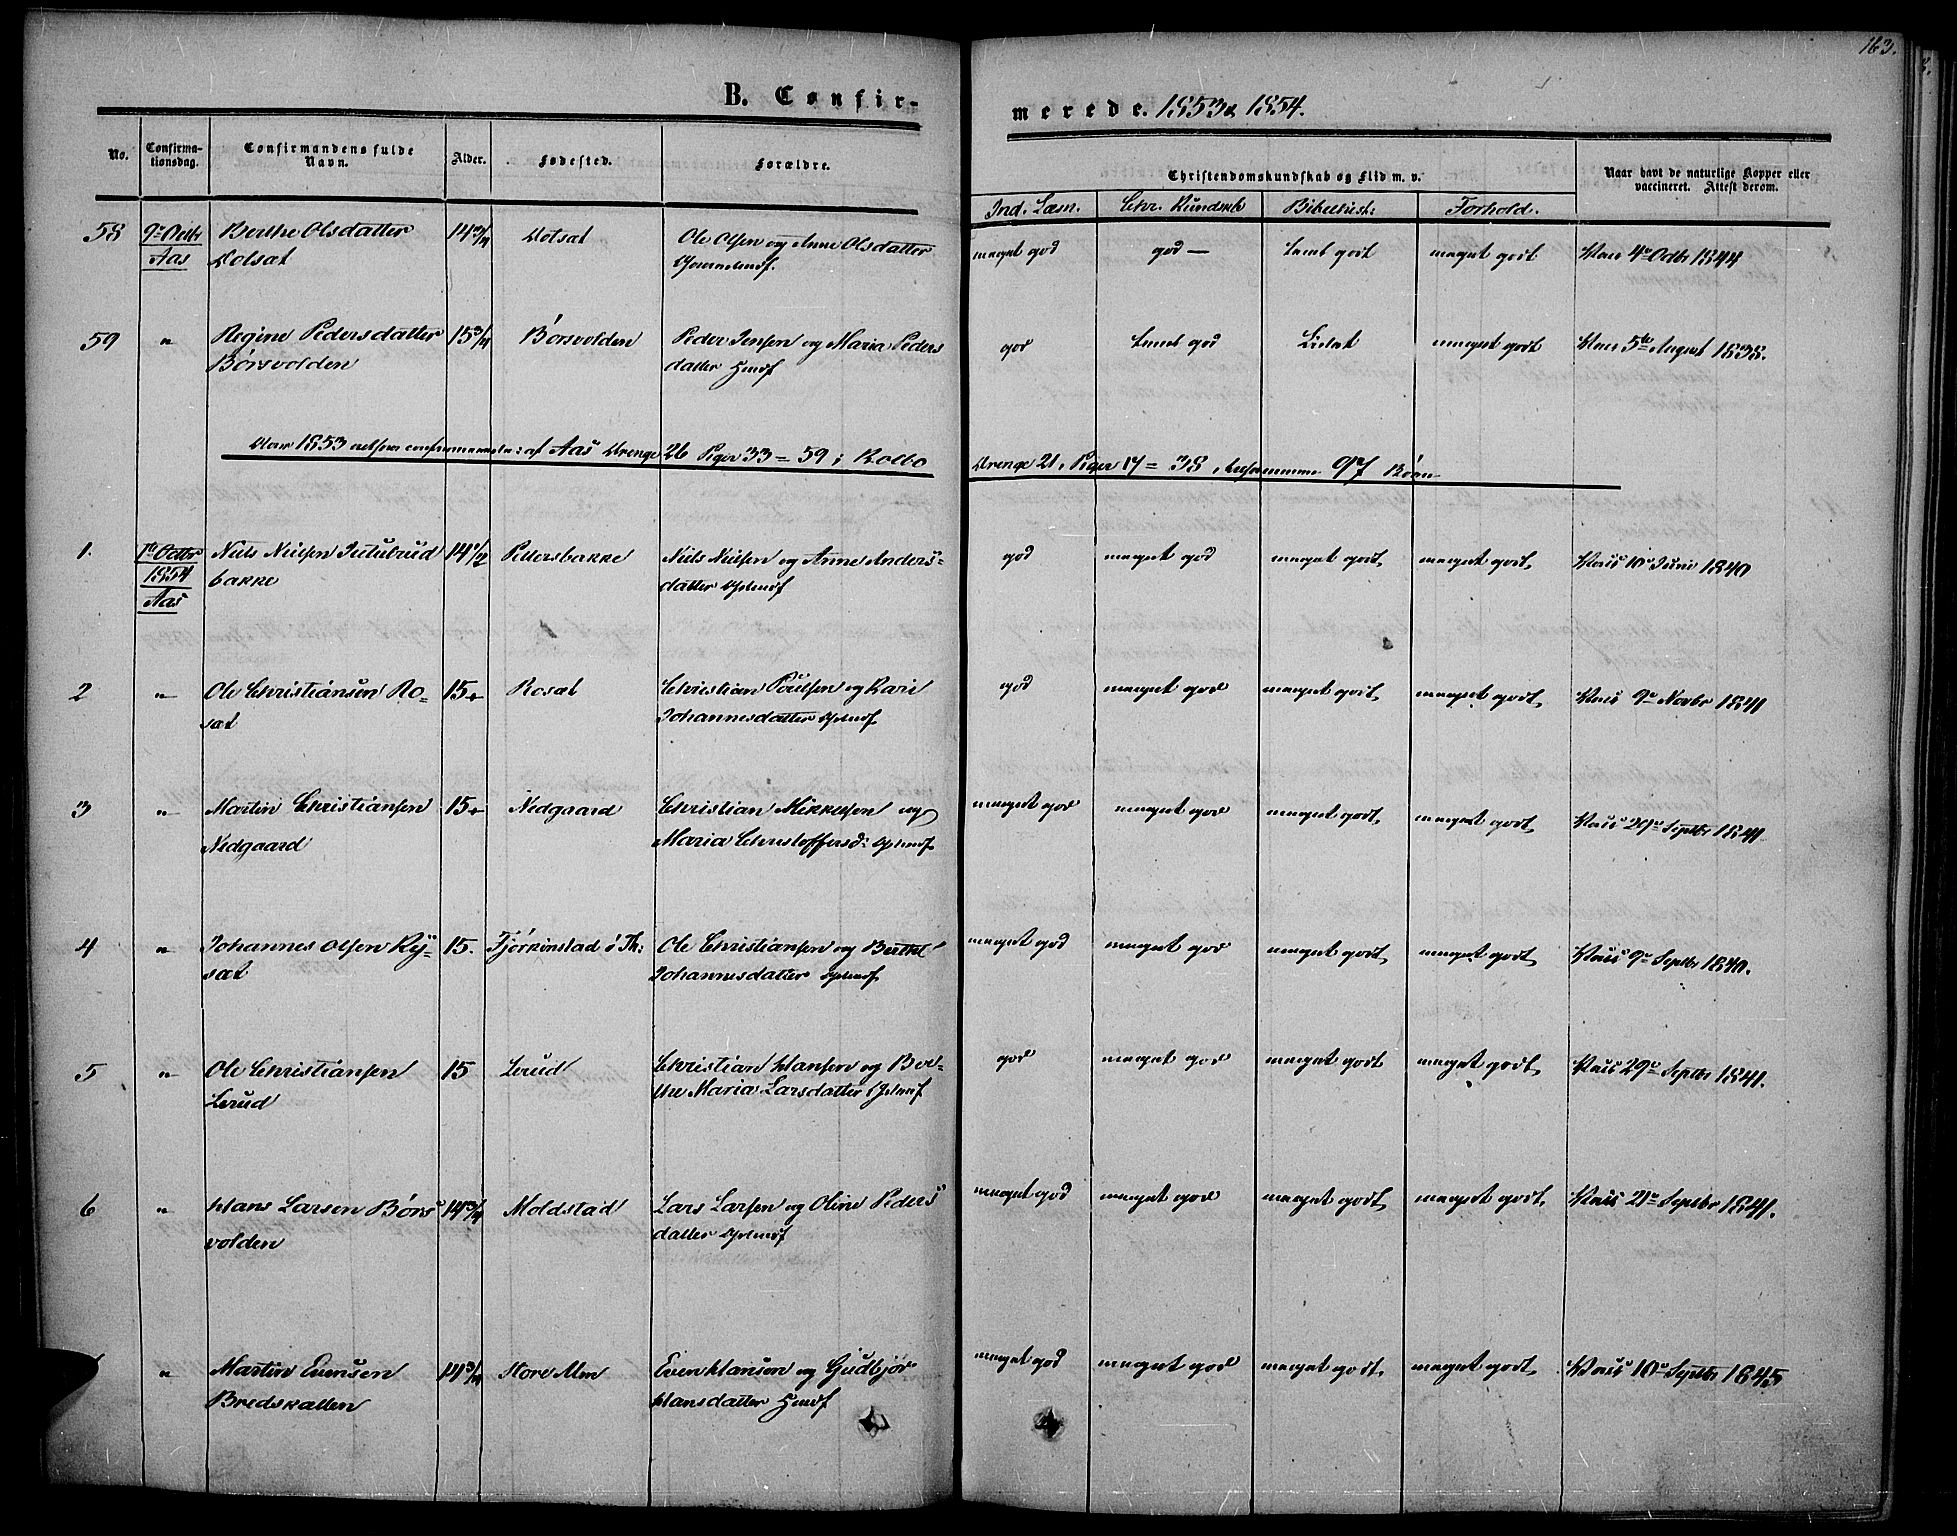 SAH, Vestre Toten prestekontor, Ministerialbok nr. 5, 1850-1855, s. 163